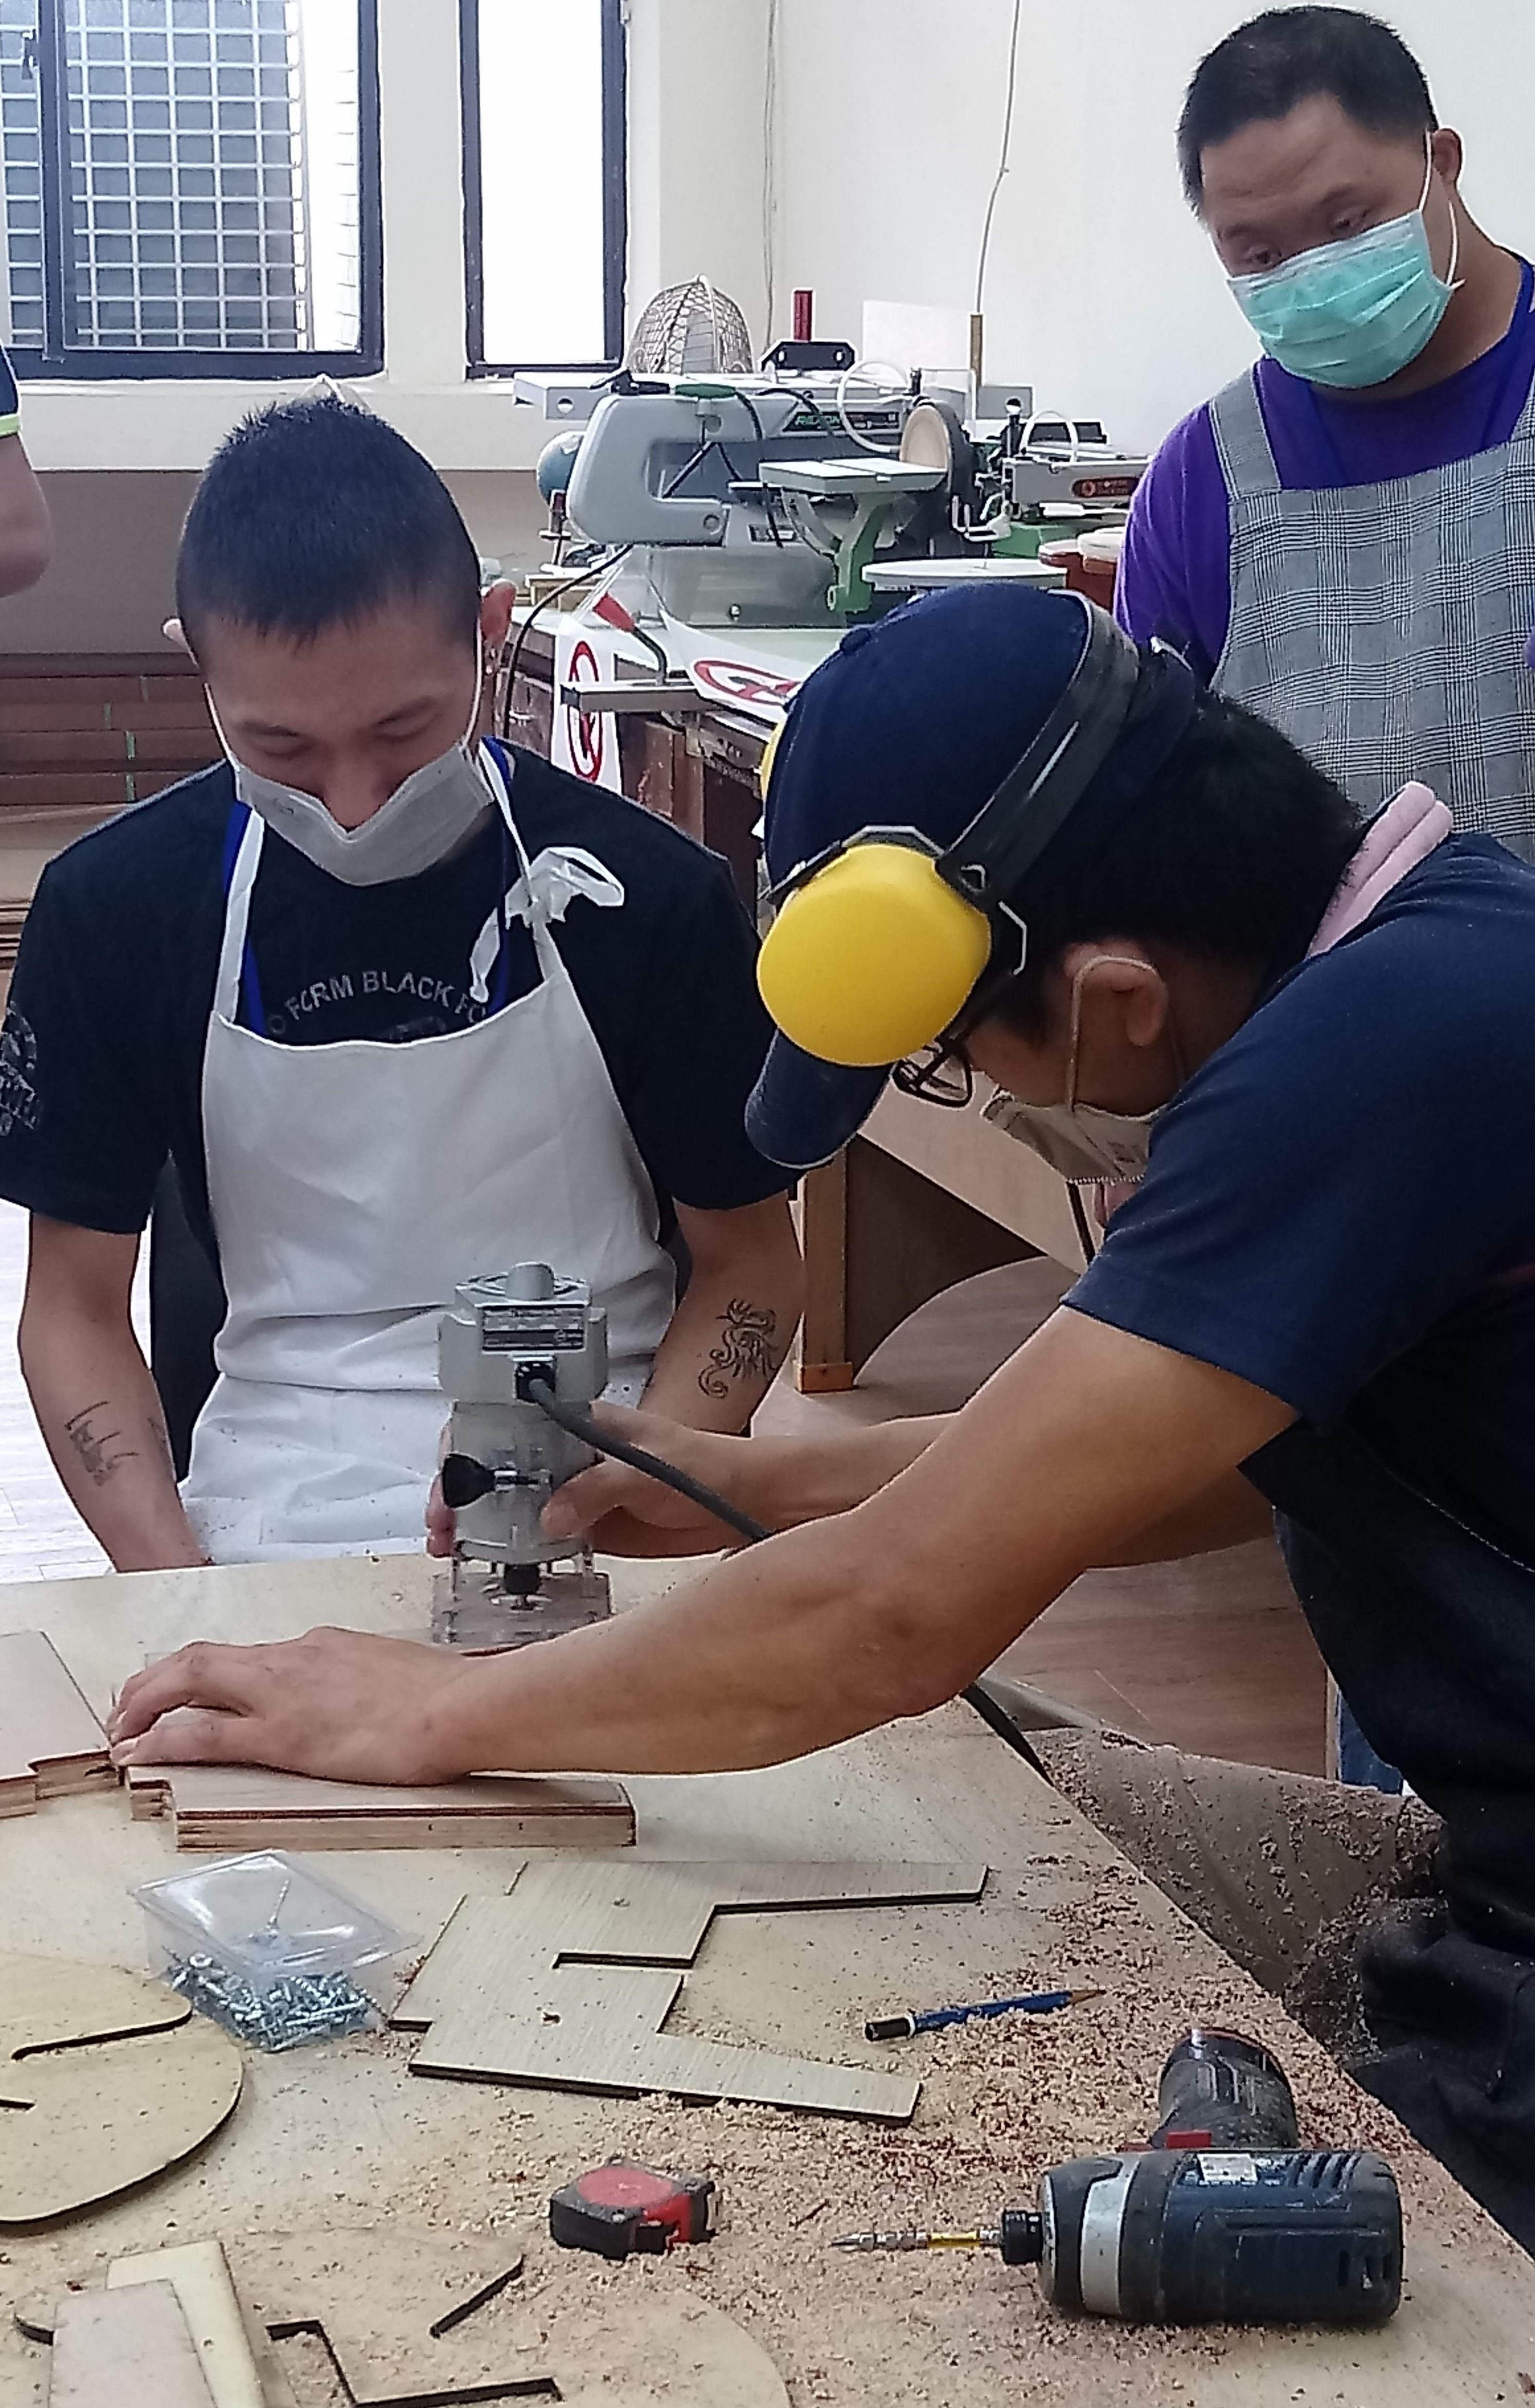 職訓師指導阿德(左)操作打磨機具。